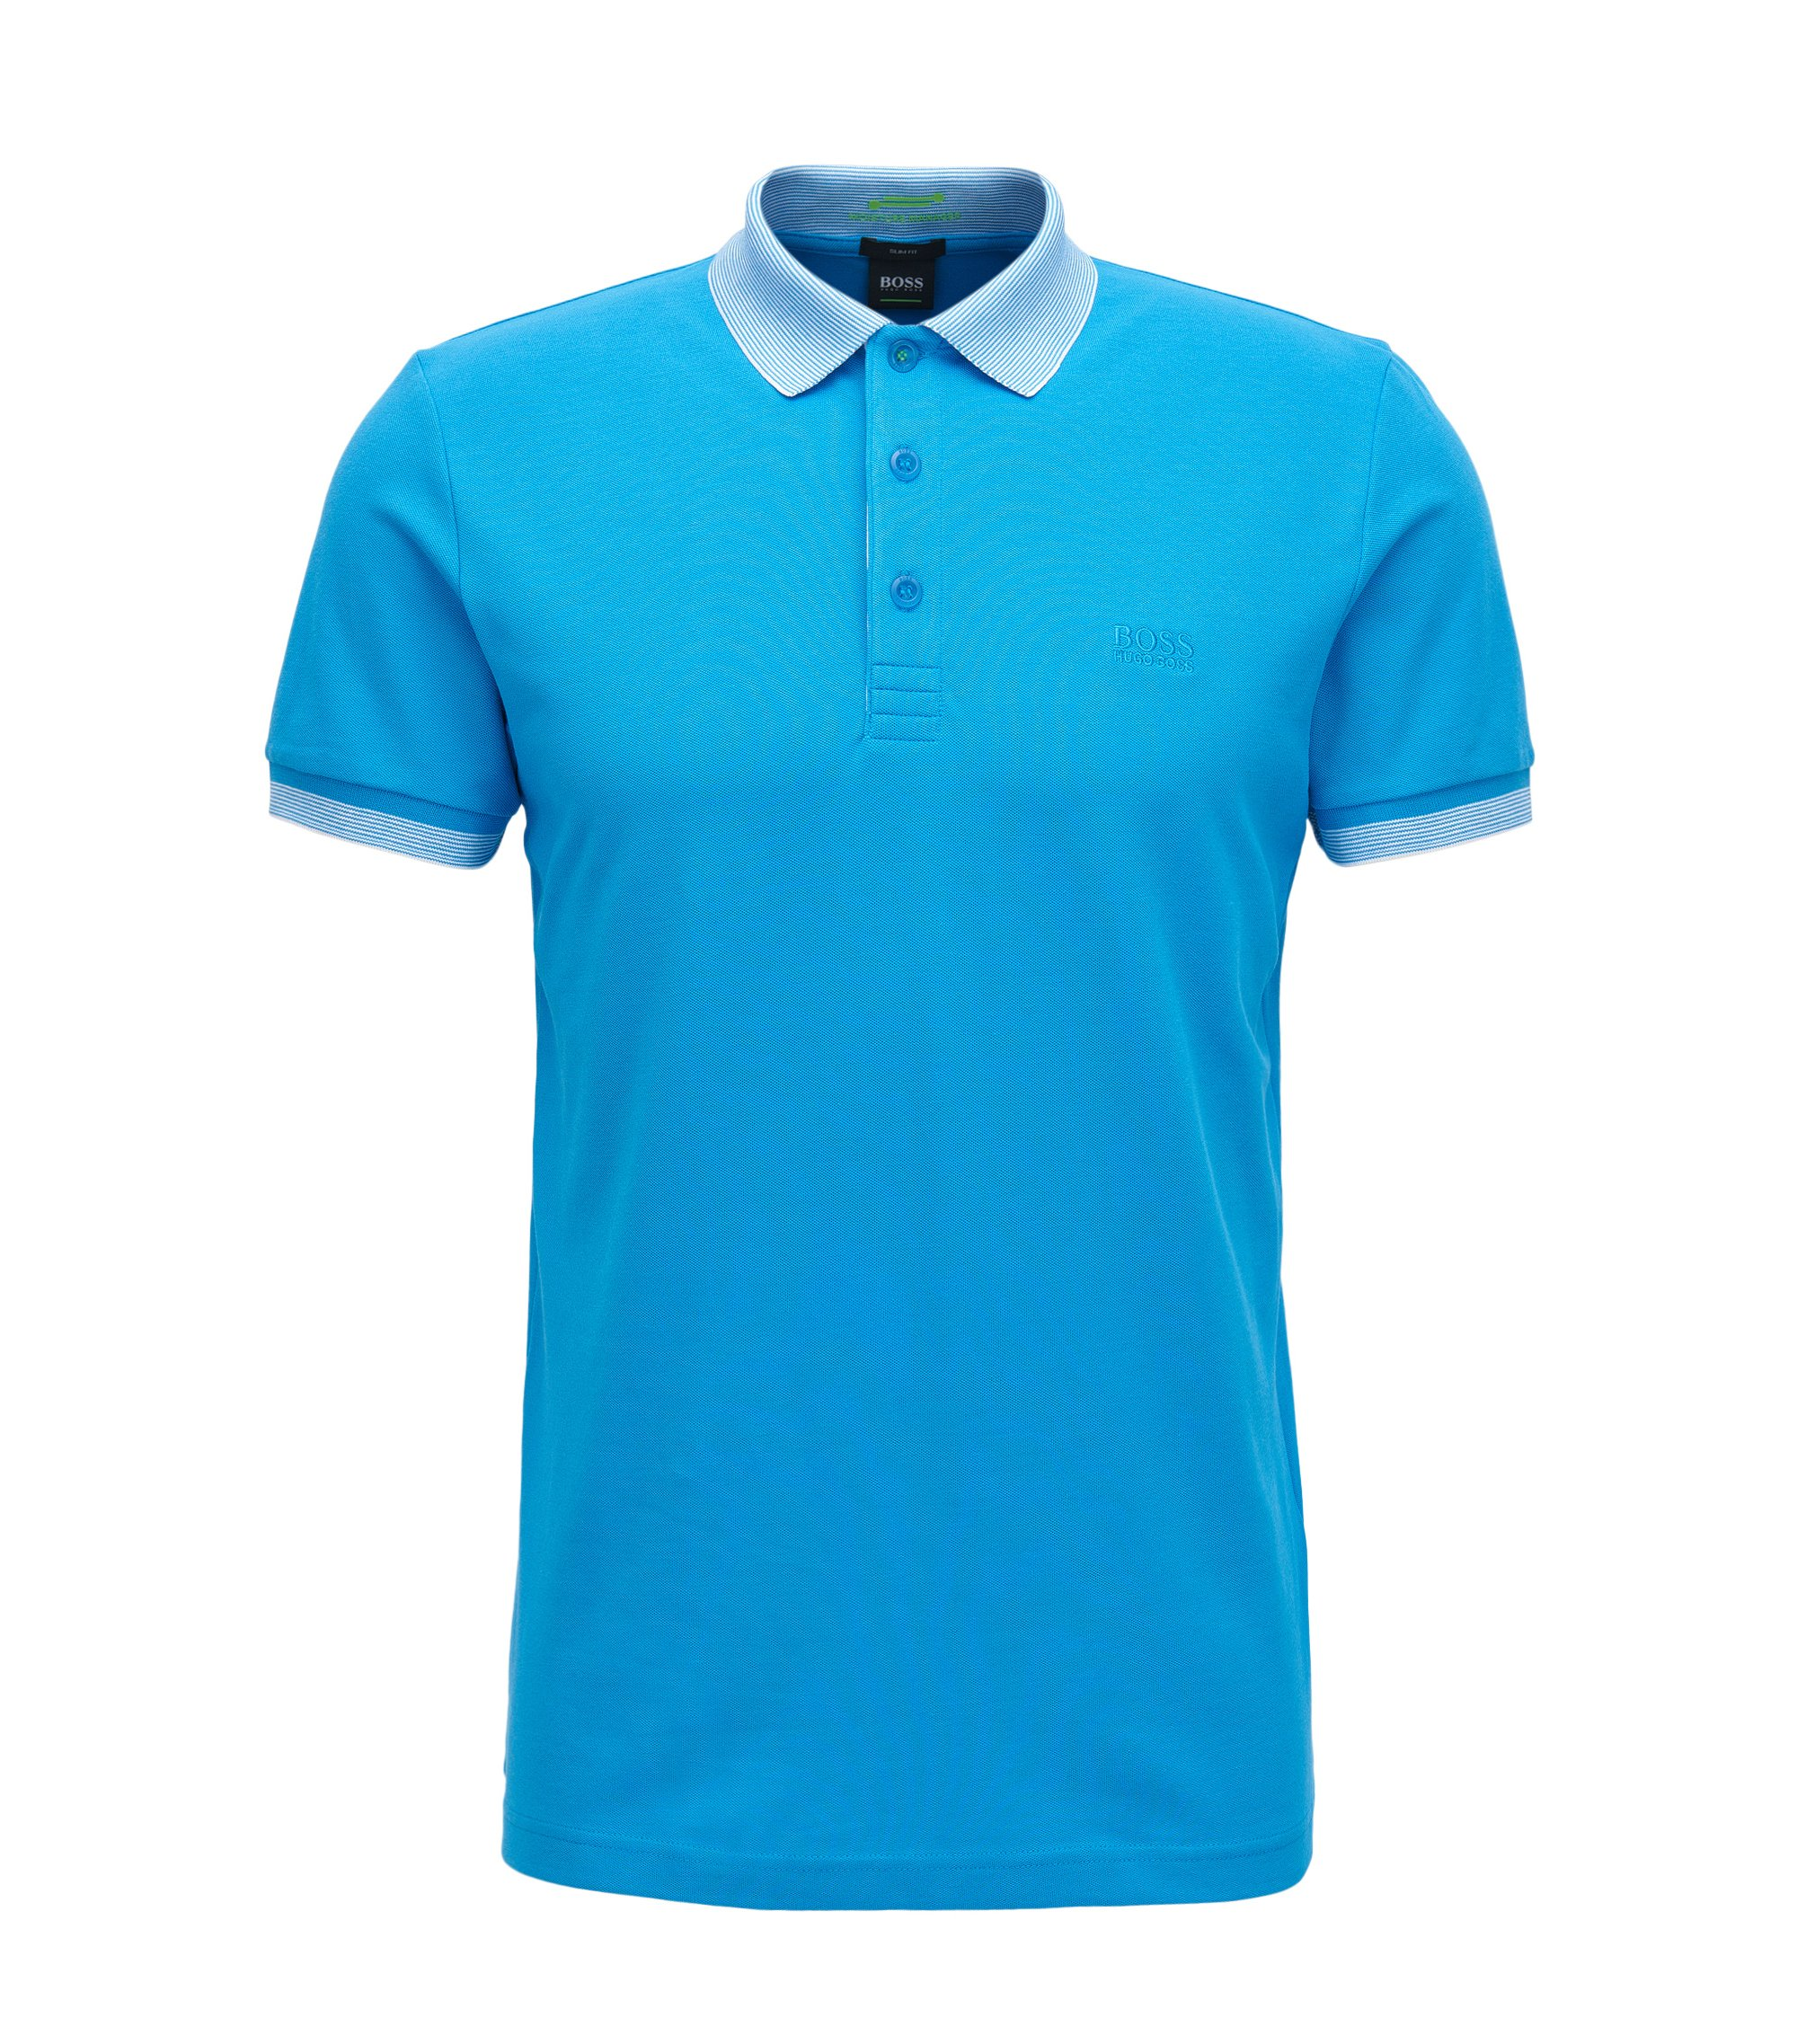 Slim-Fit Poloshirt aus elastischem Baumwoll-Mix mit S.Café®-Technologie, Türkis